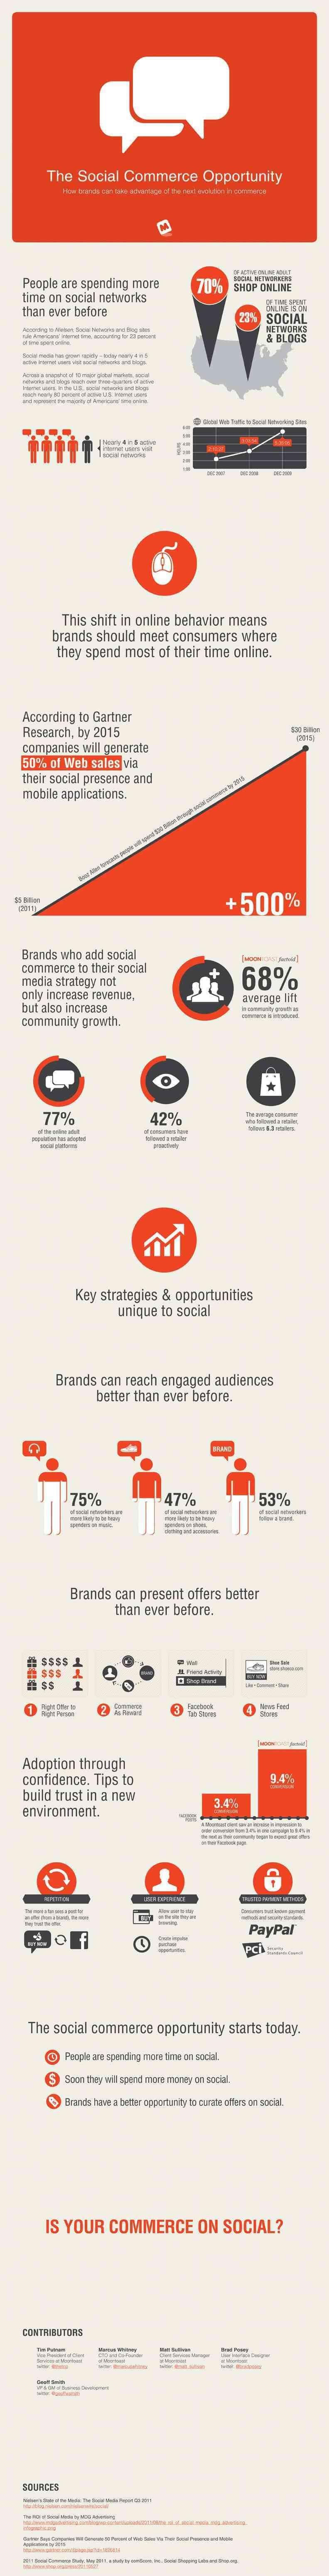 La oportunidad de comercio electronico en redes sociales